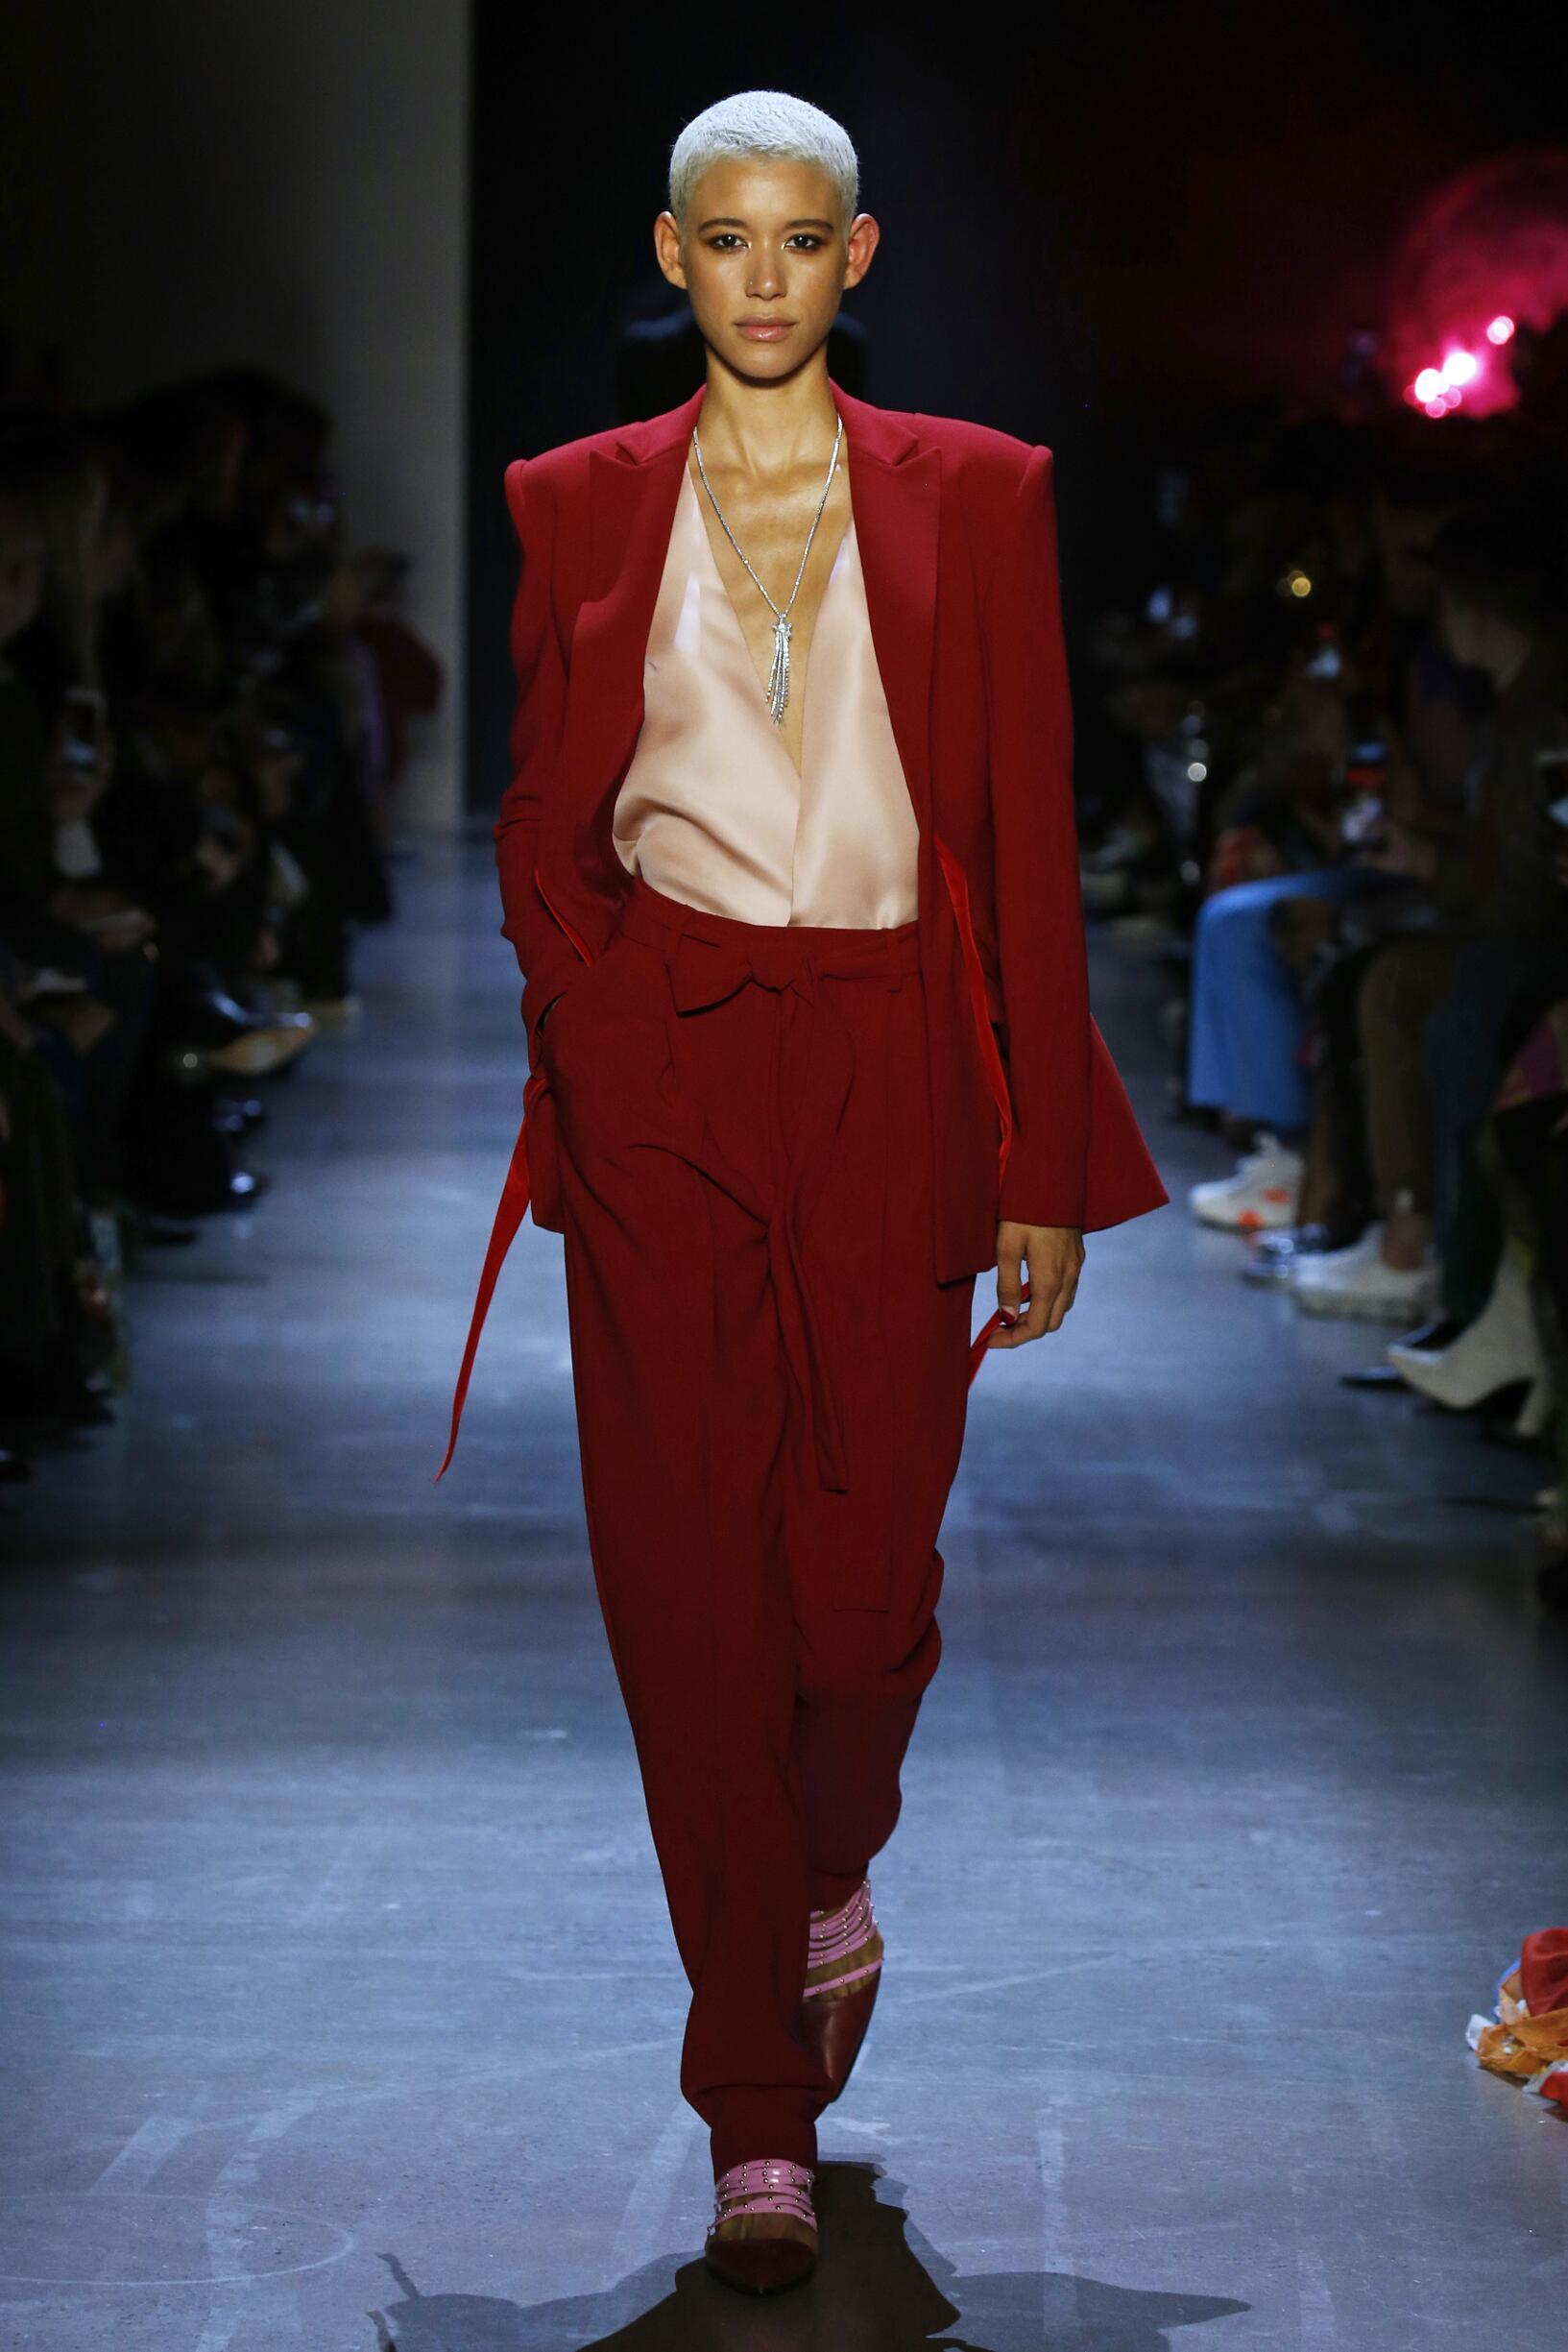 Fashion Show Woman Model Prabal Gurung Catwalk